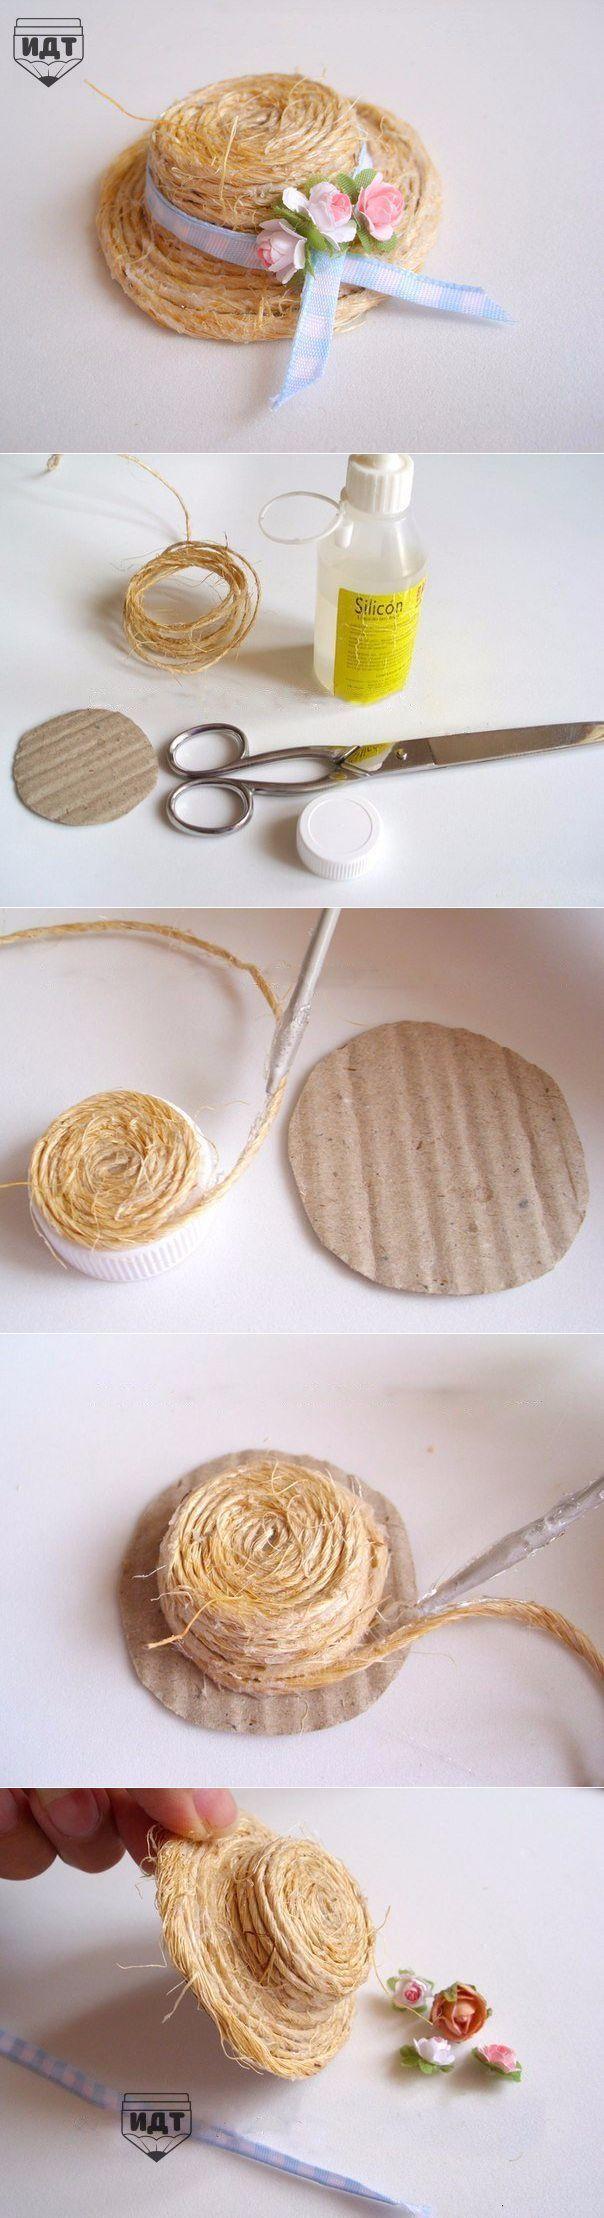 Декоративная соломенная шляпа для куклы своими руками